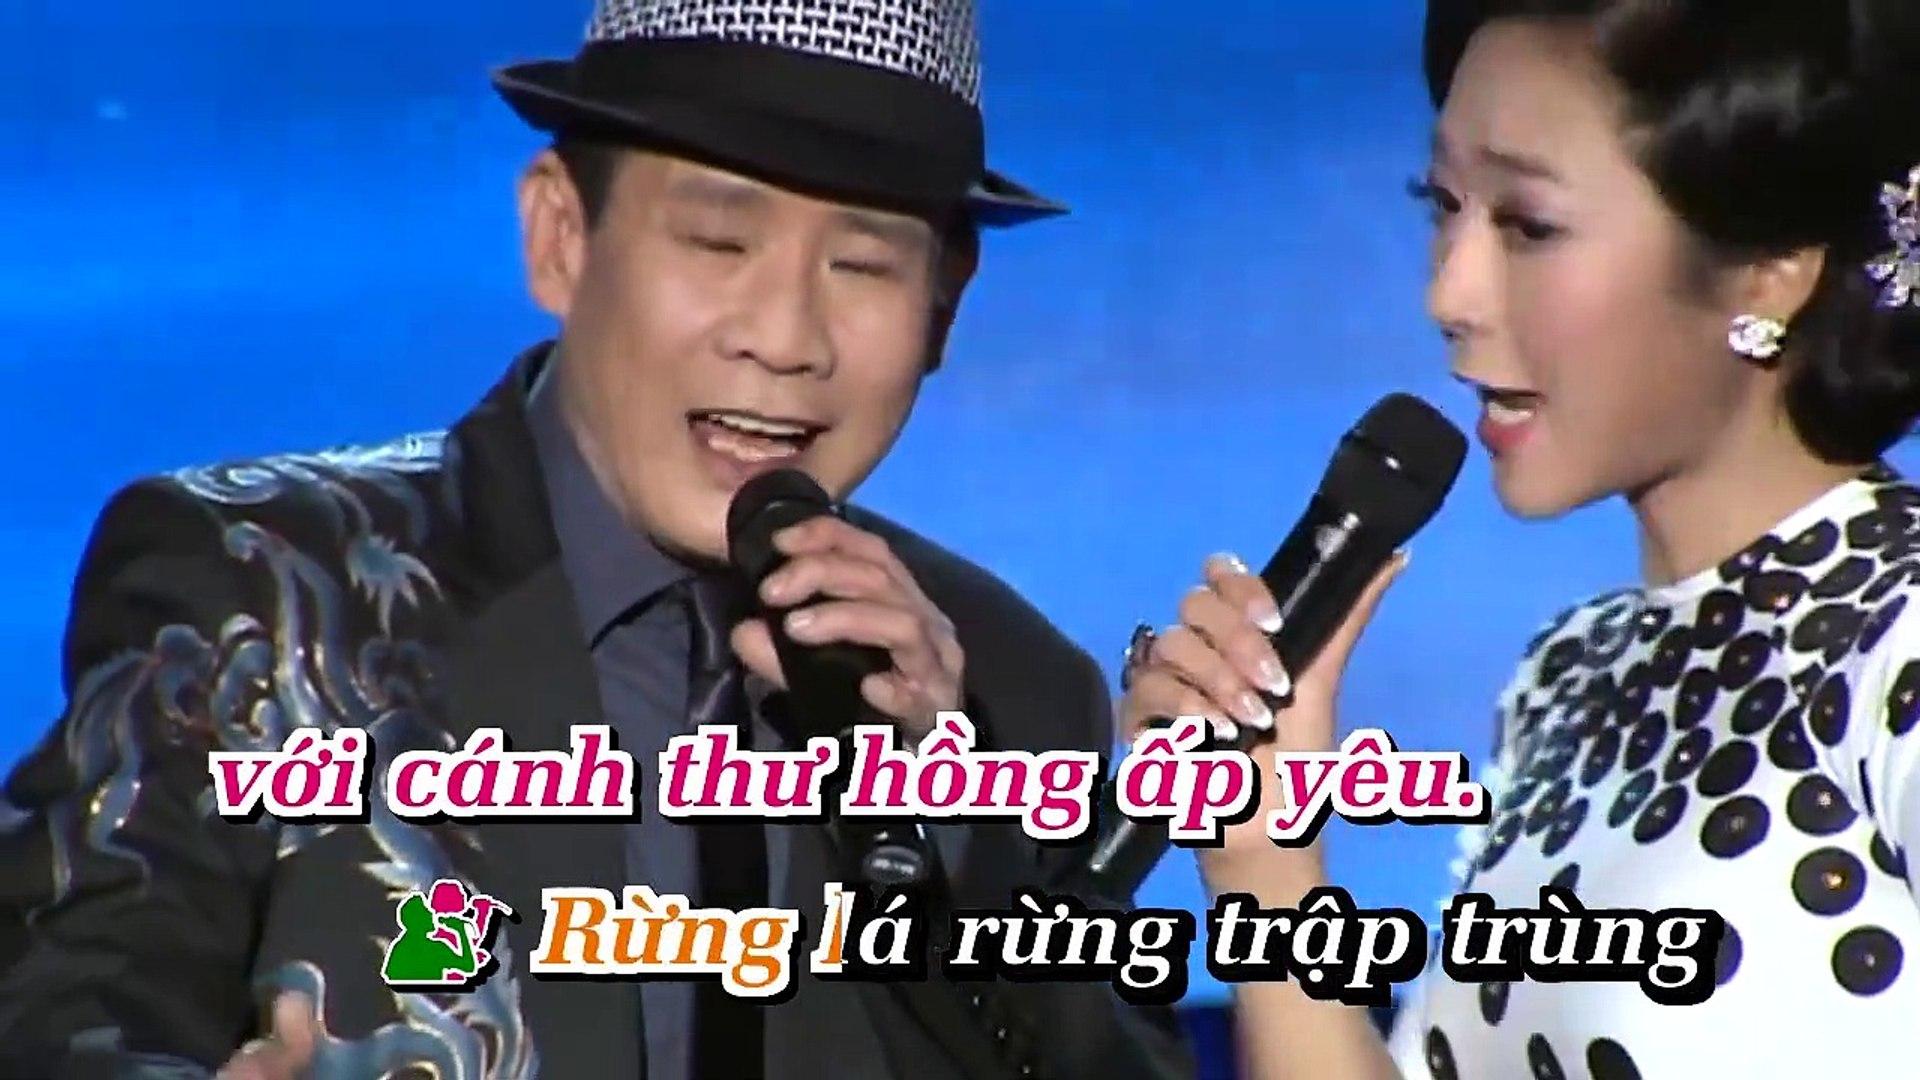 [Karaoke] Biết Đến Bao Giờ - Hà Thanh Xuân Ft. Tuấn Vũ [Beat]